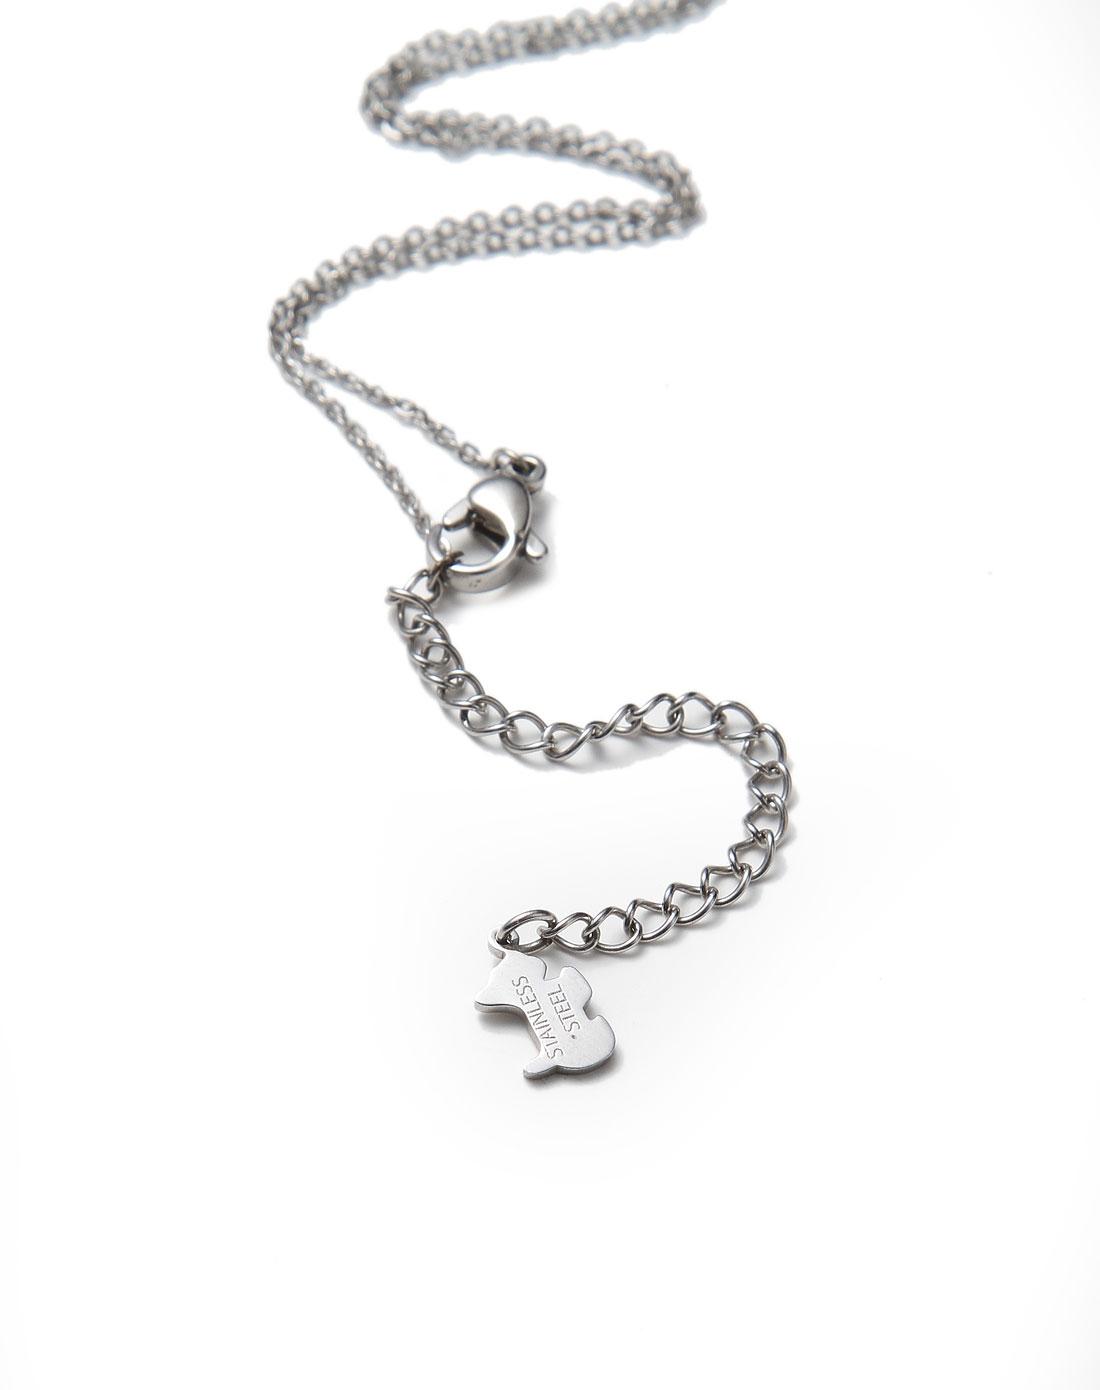 agatha巴黎系列银色埃菲尔铁塔项链2670021-064-tu